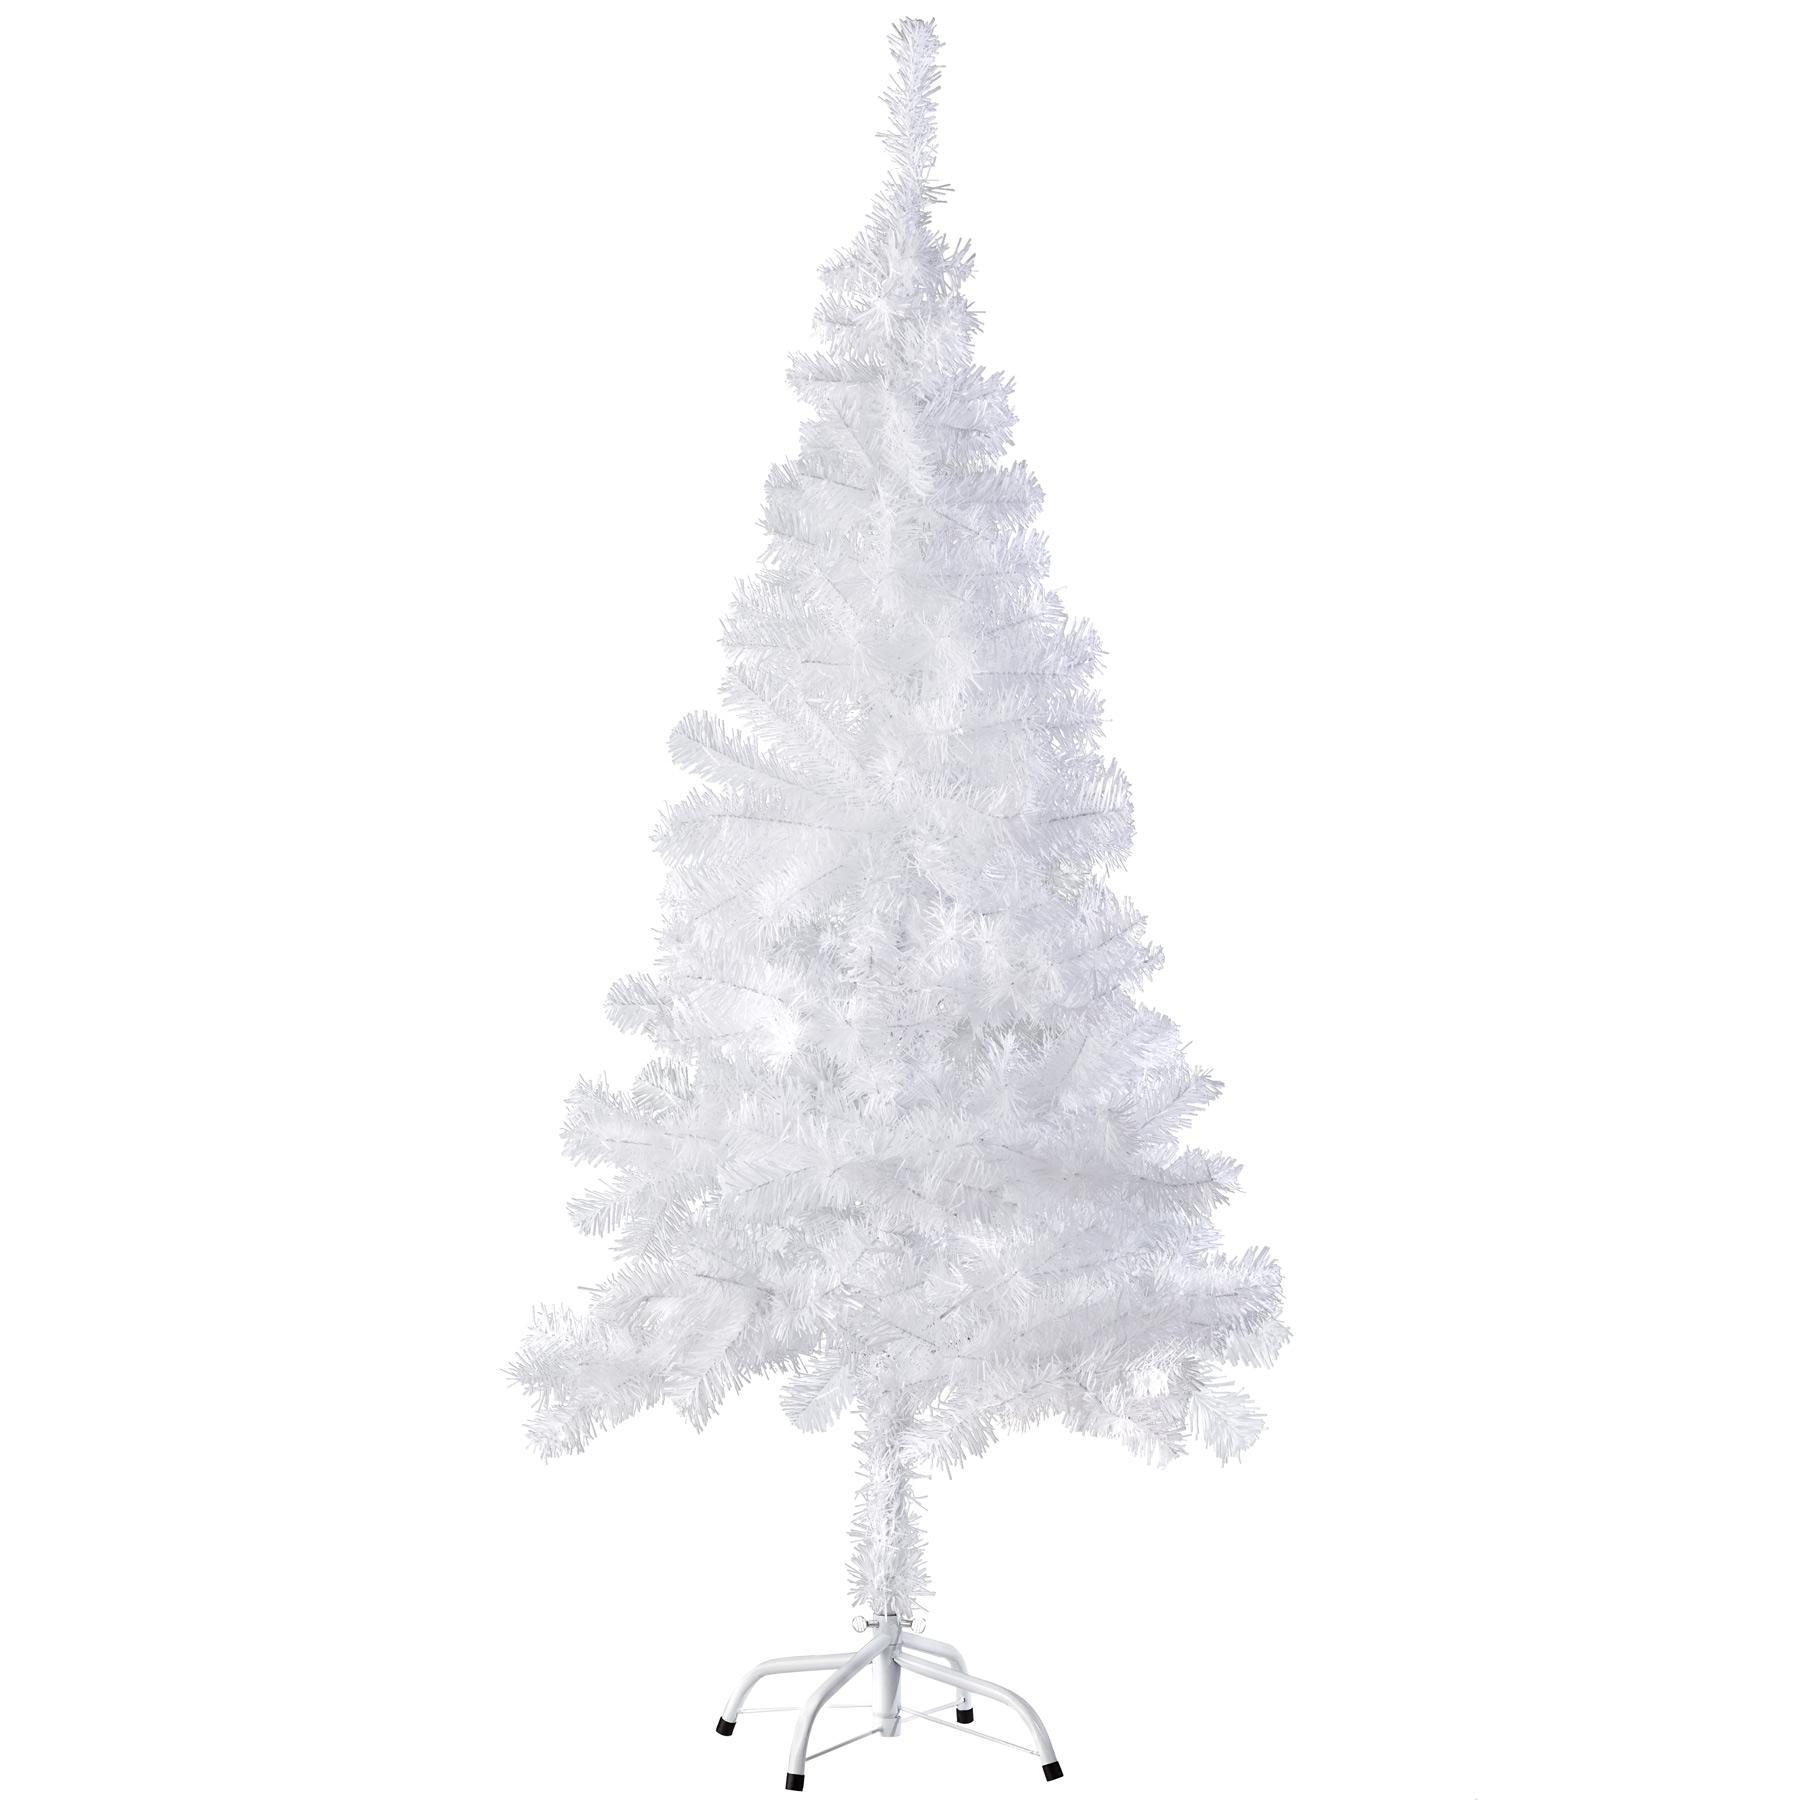 Umelý vianočný stromček 150 cm 310 hrotov 402818